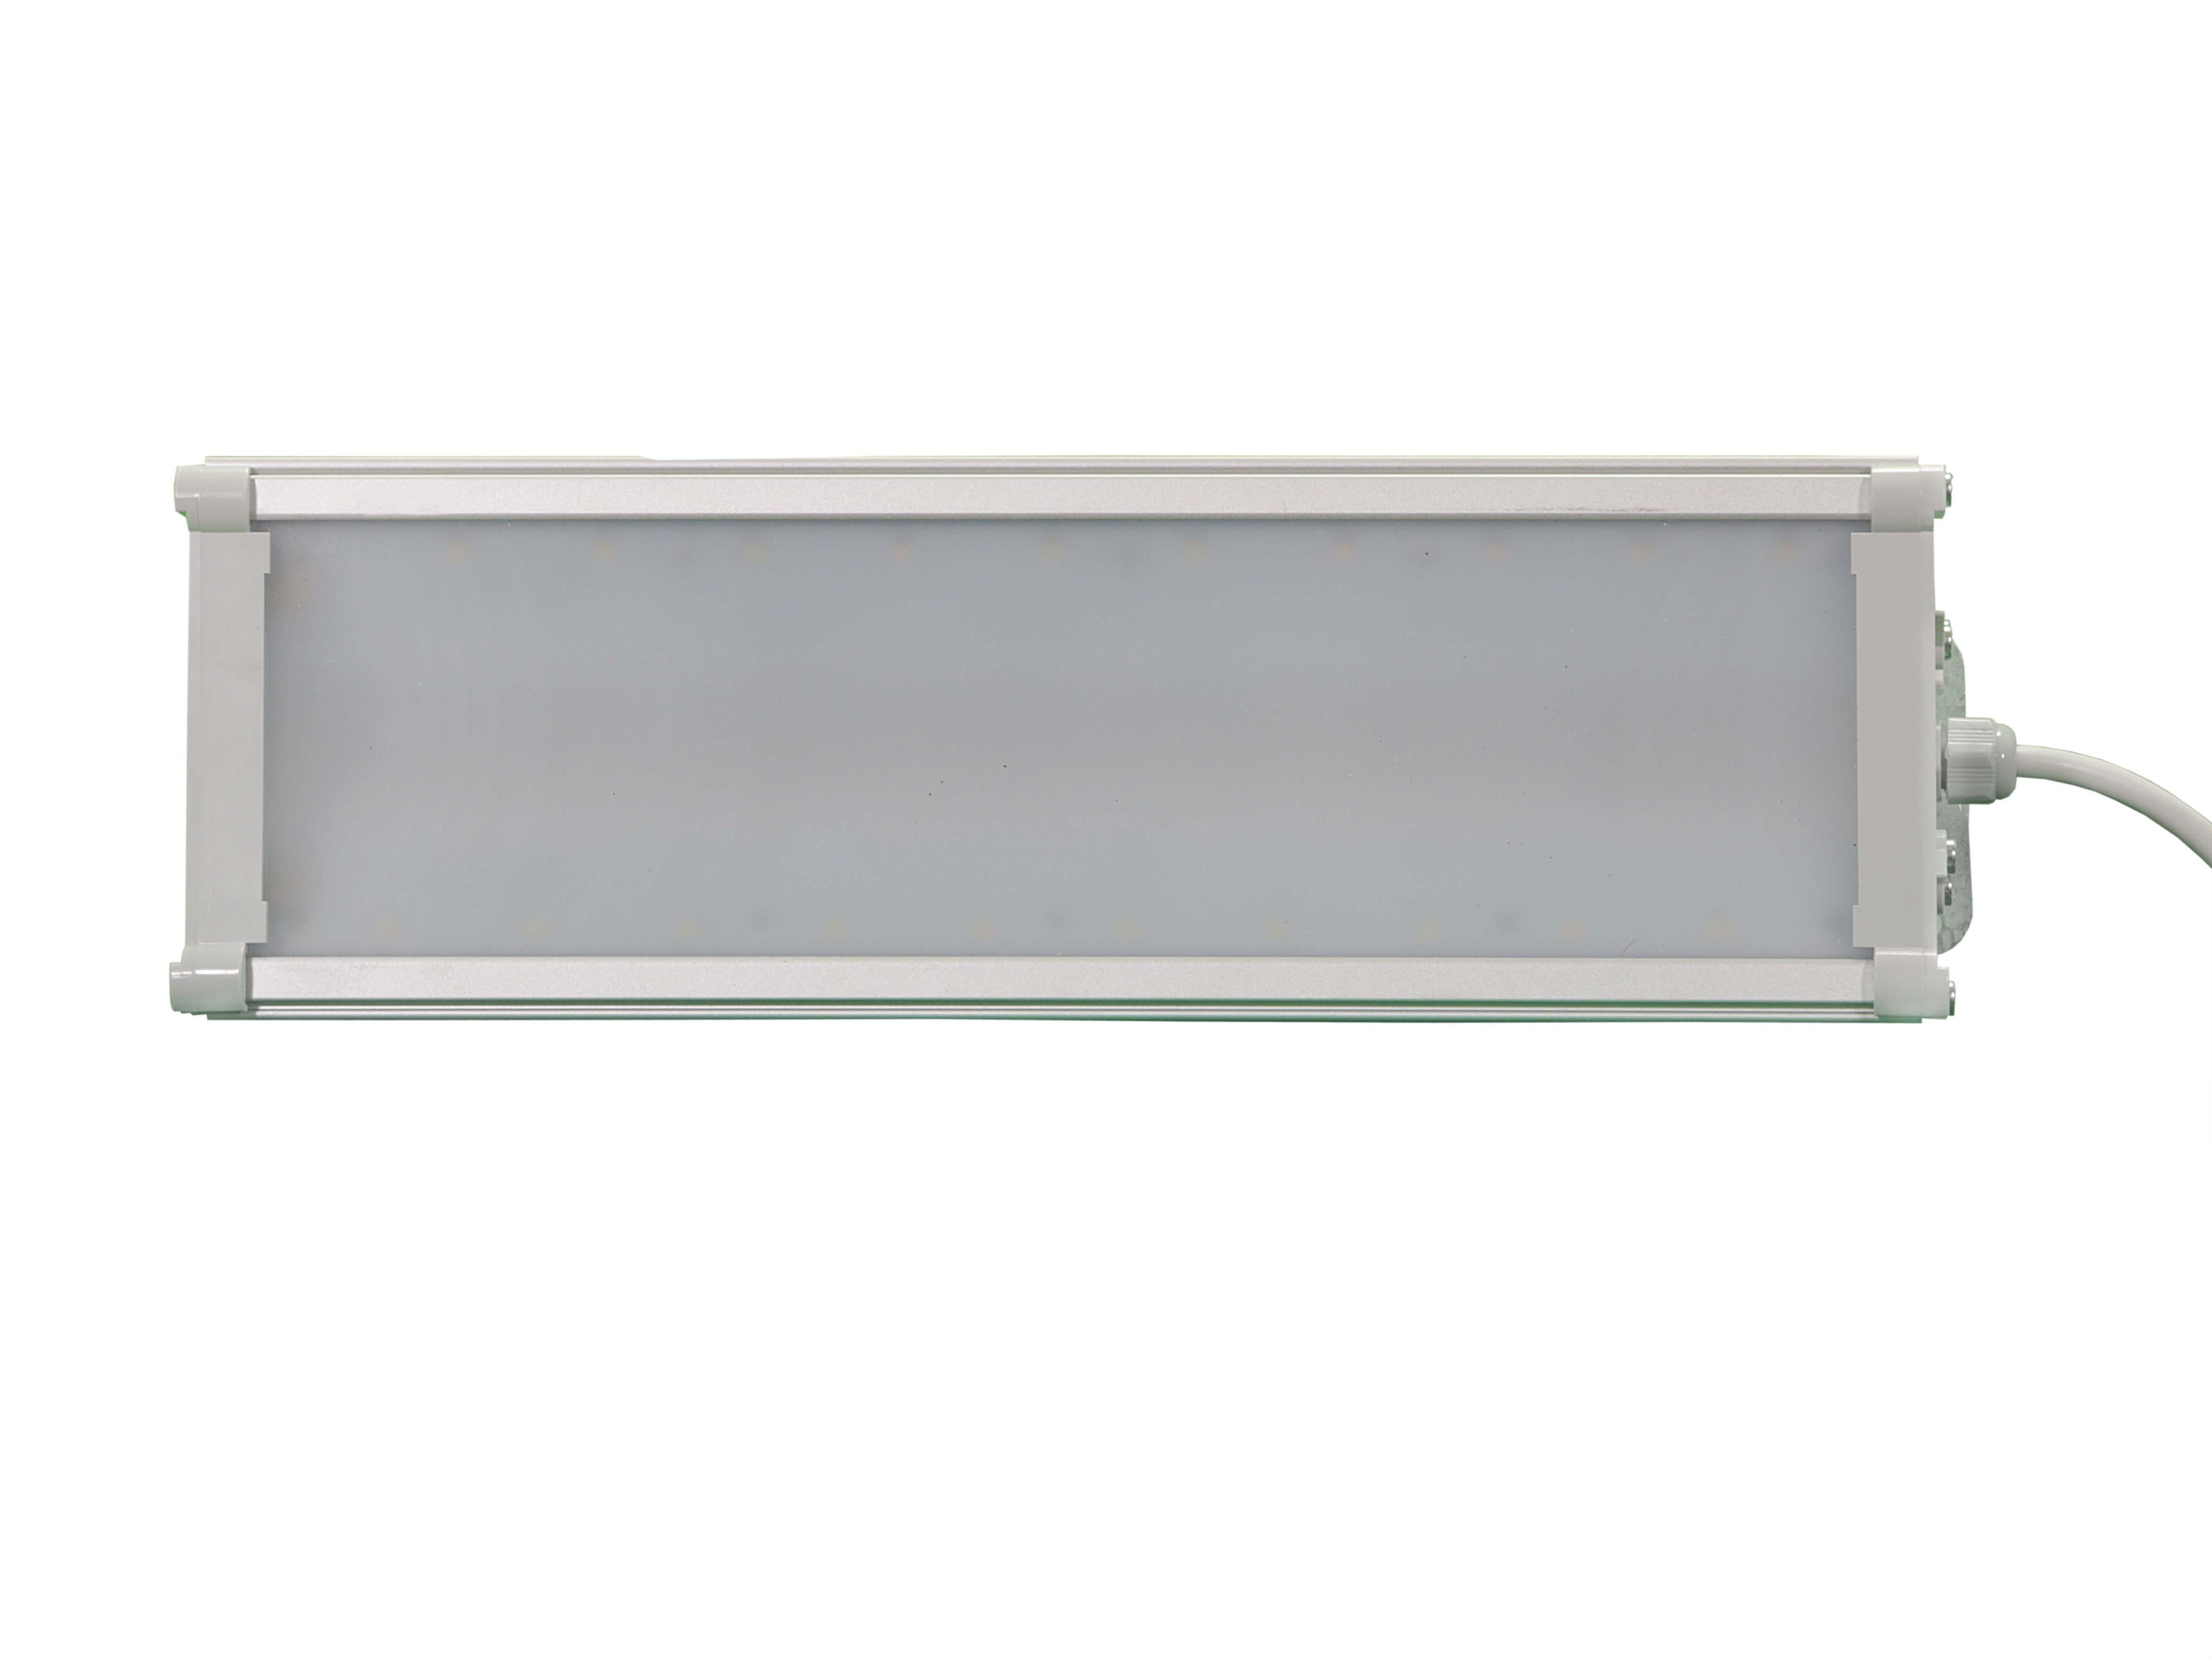 Уличный светодиодный светильник Фотон-120х3 150Вт 17472Лм